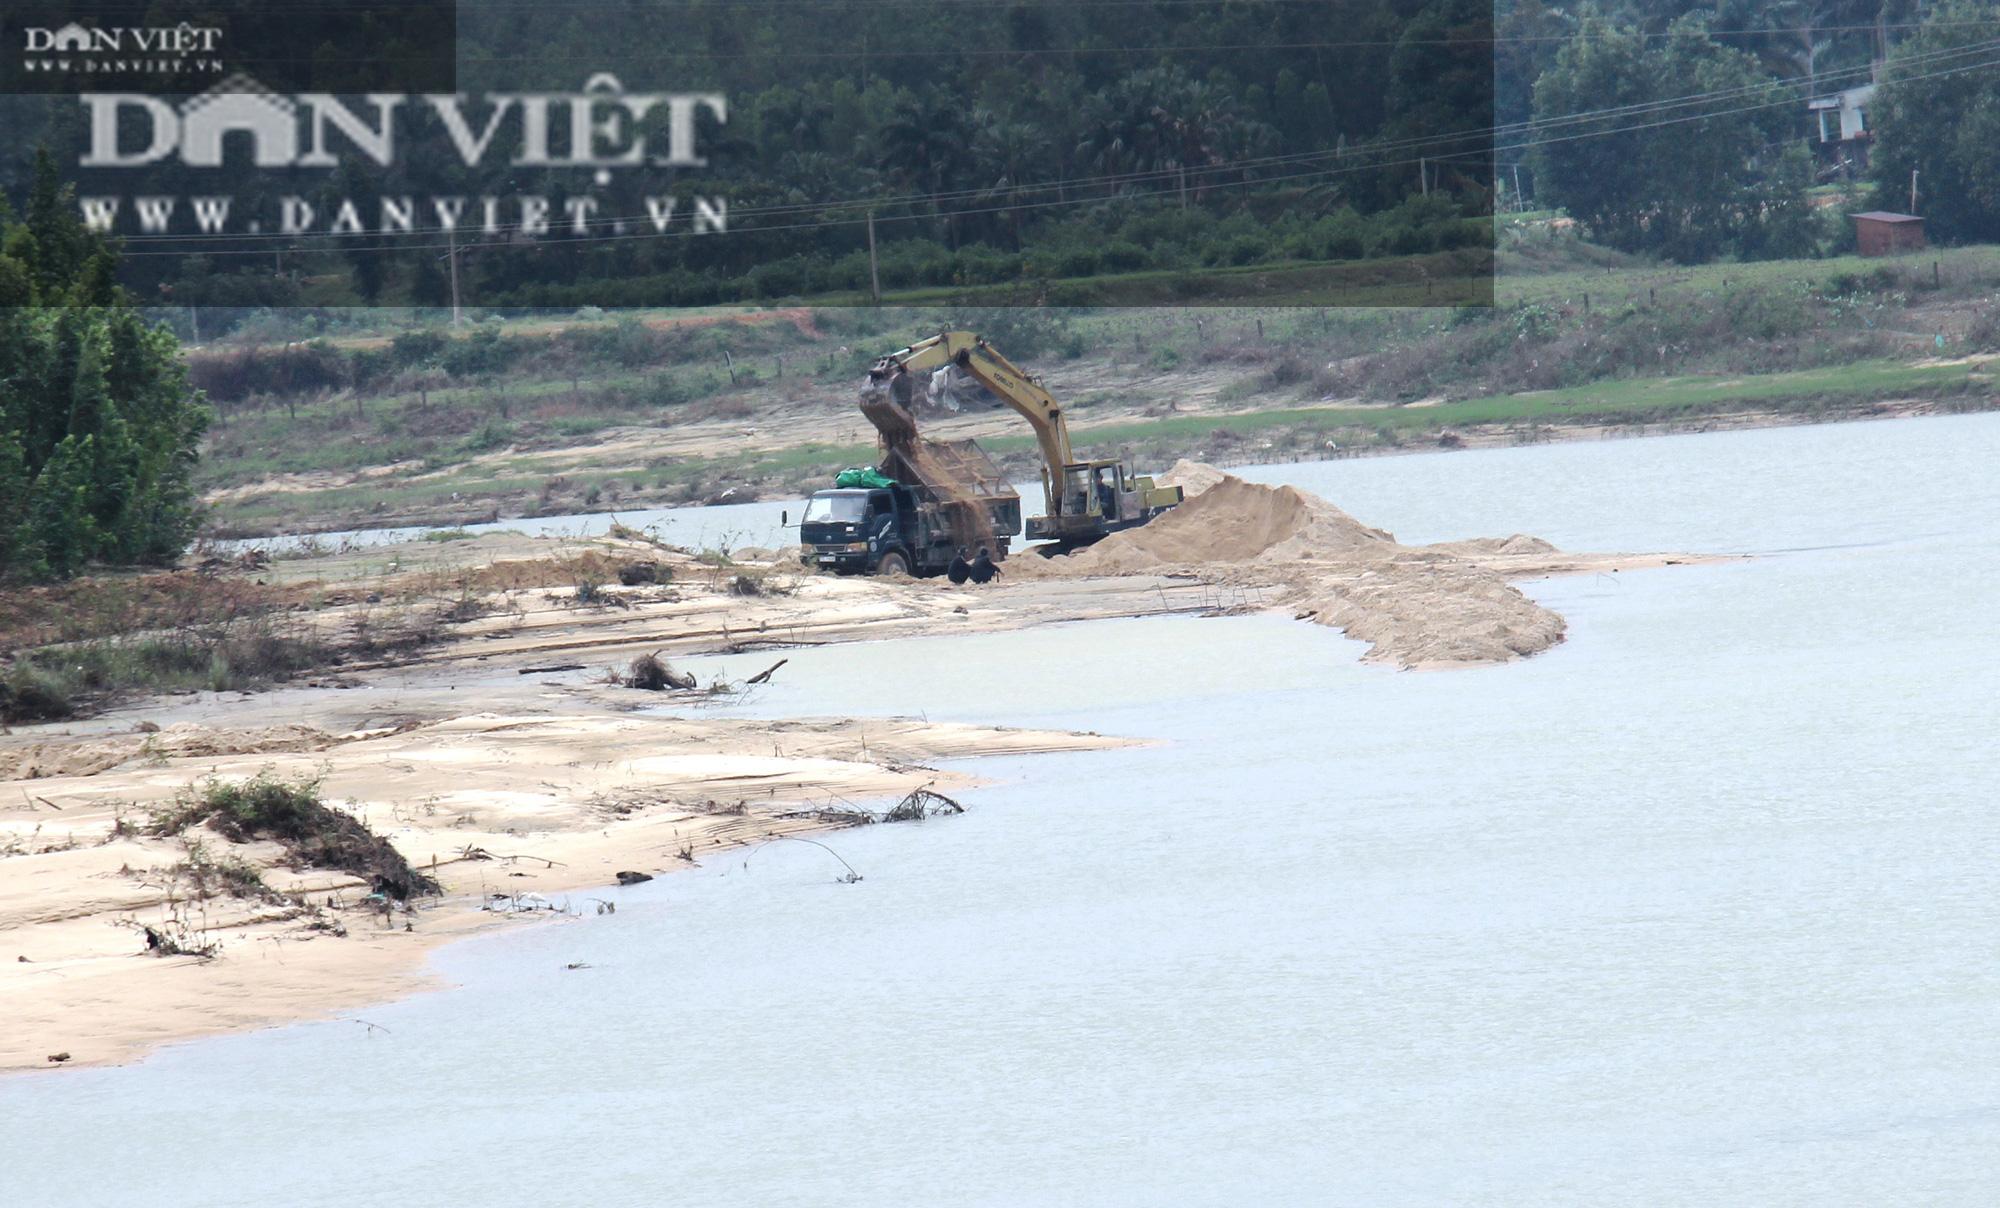 Khai thác cát bất chấp quy định của Chủ tịch tỉnh Bình Định: Giám đốc Sở TNMT lên tiếng - Ảnh 2.